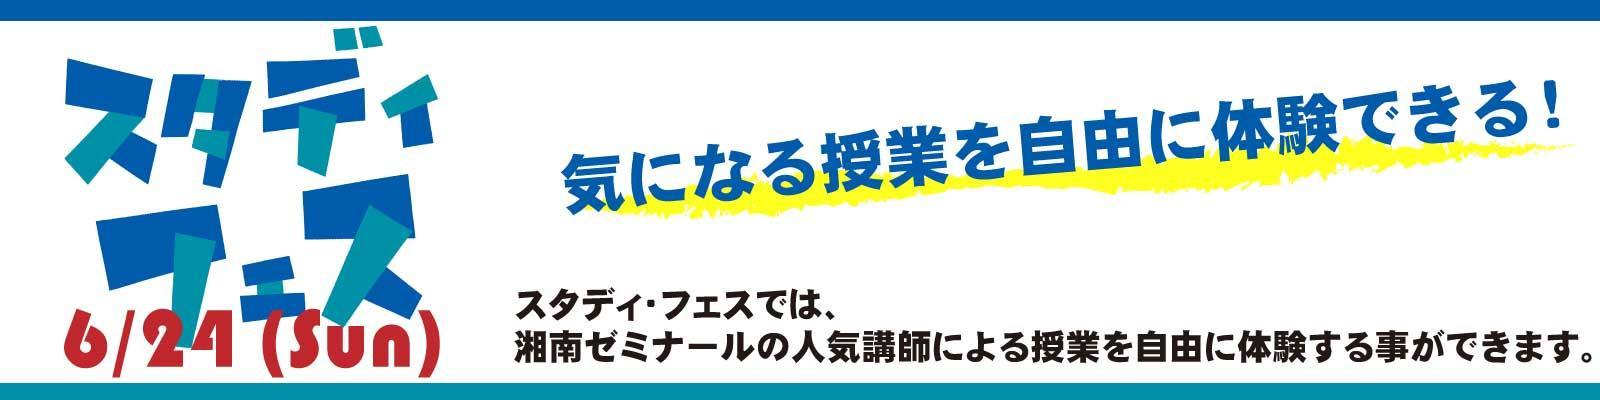 すたふぇす.jpg